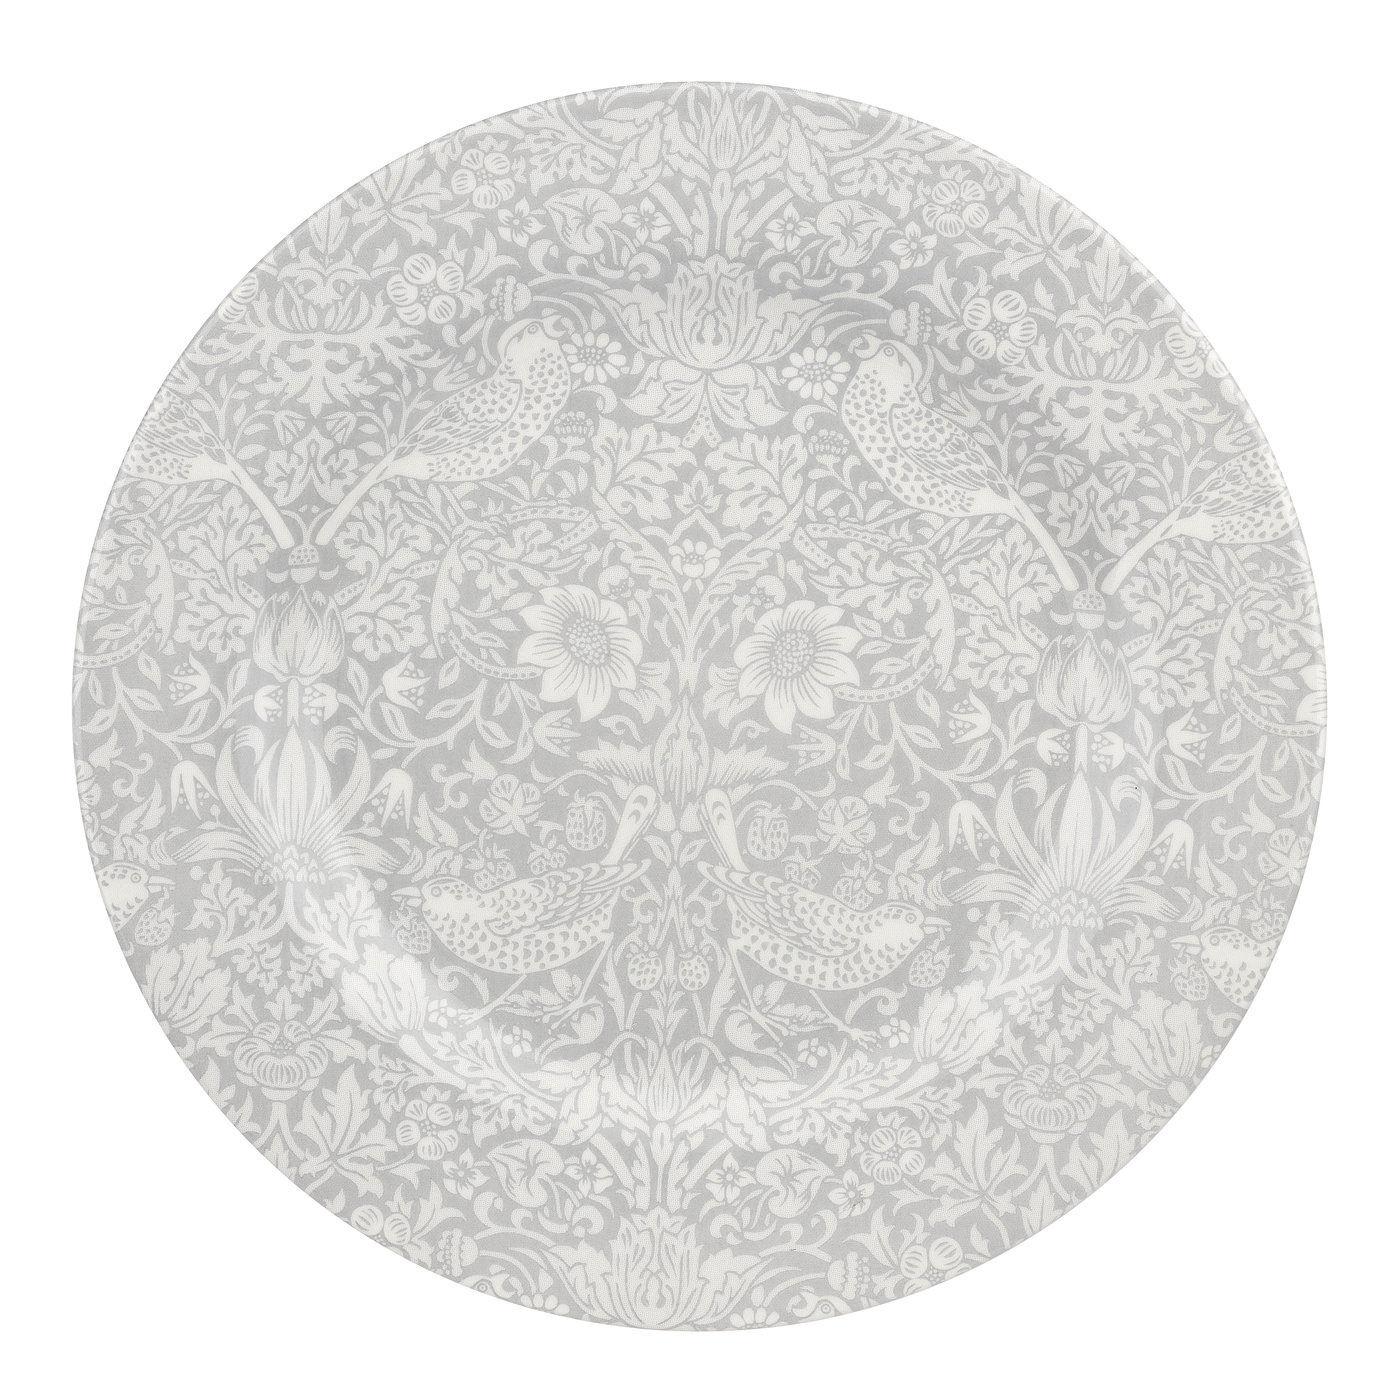 Spode Pure Morris Strawberry Thief Plate, 27,9 cm